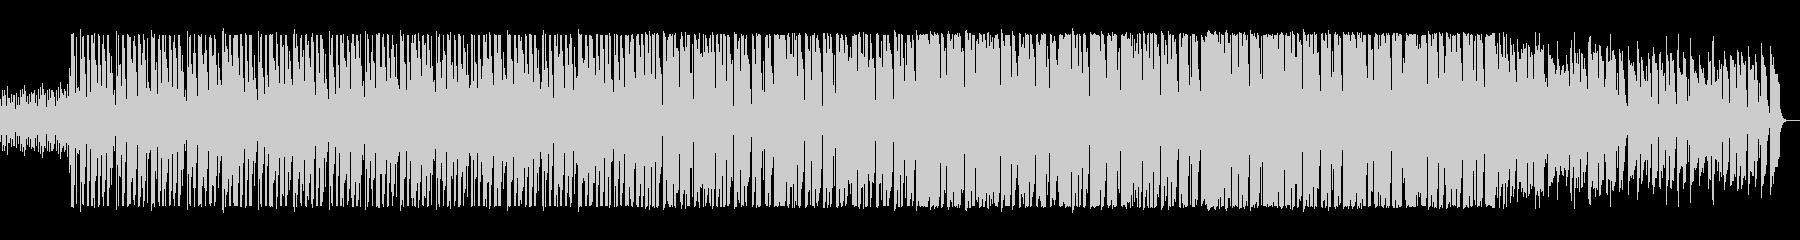 宇宙的な音が飛び交うポップスの未再生の波形